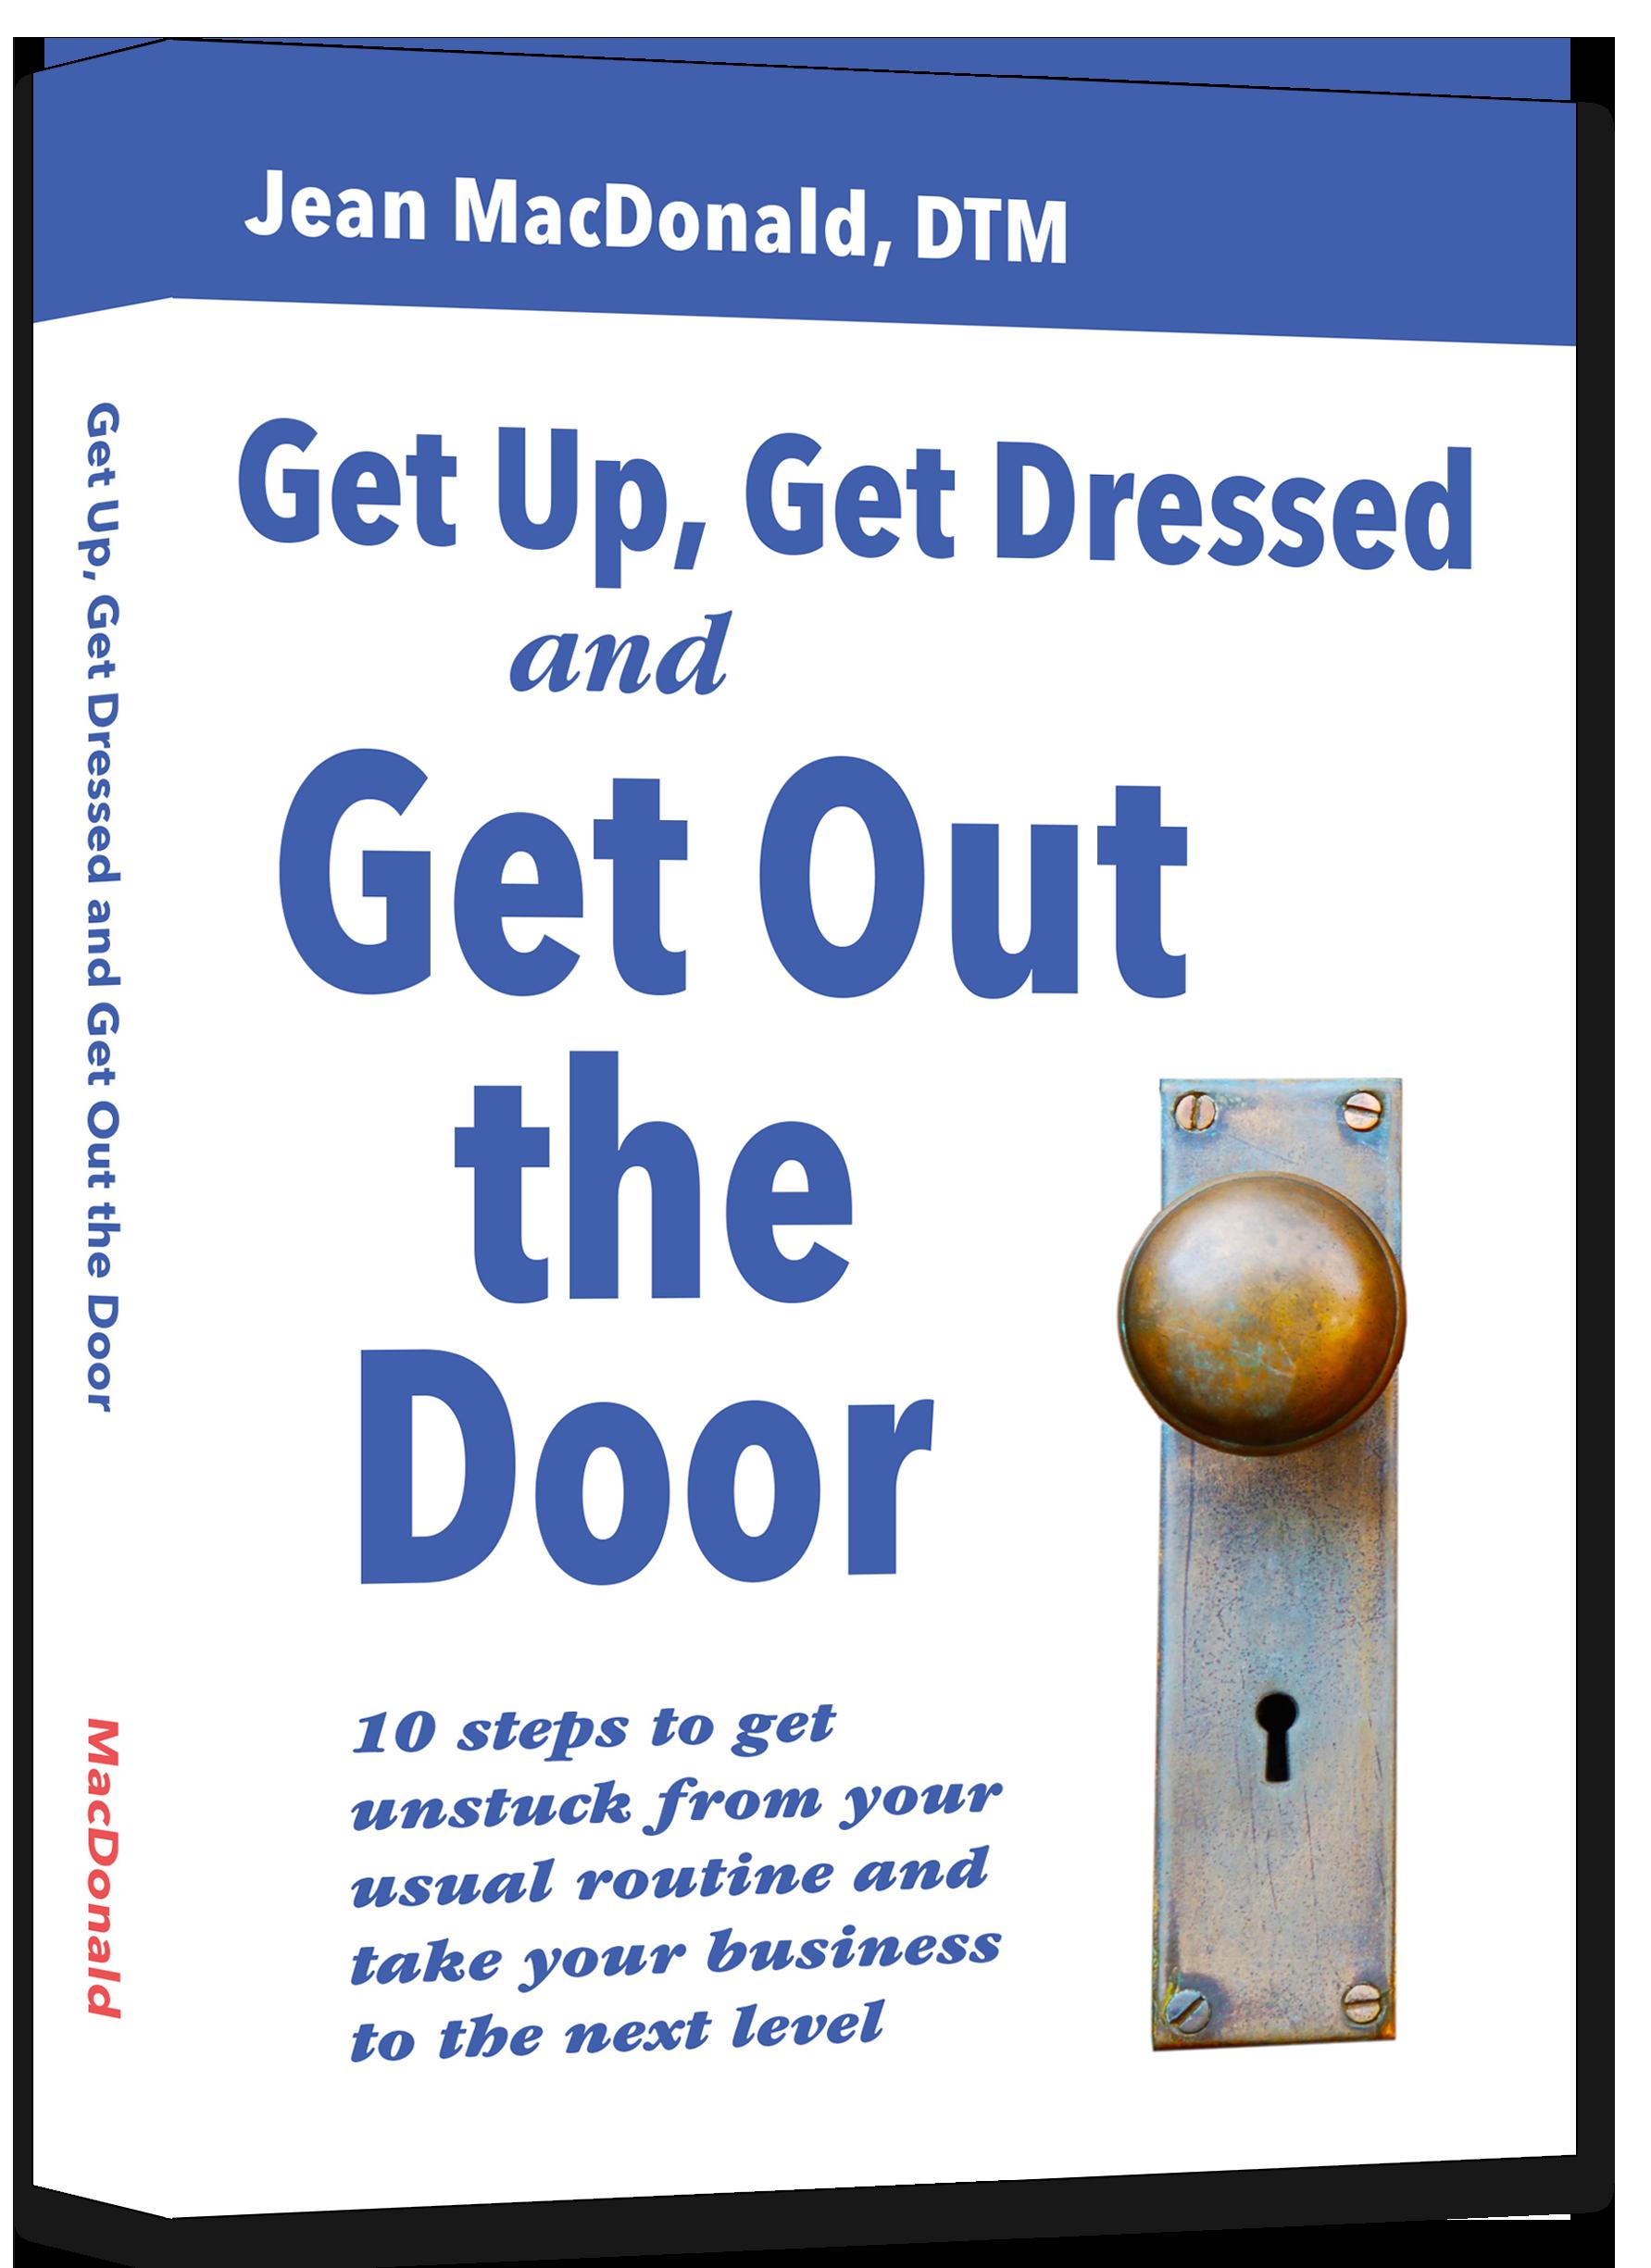 Get-Up-Get-Dressed.png